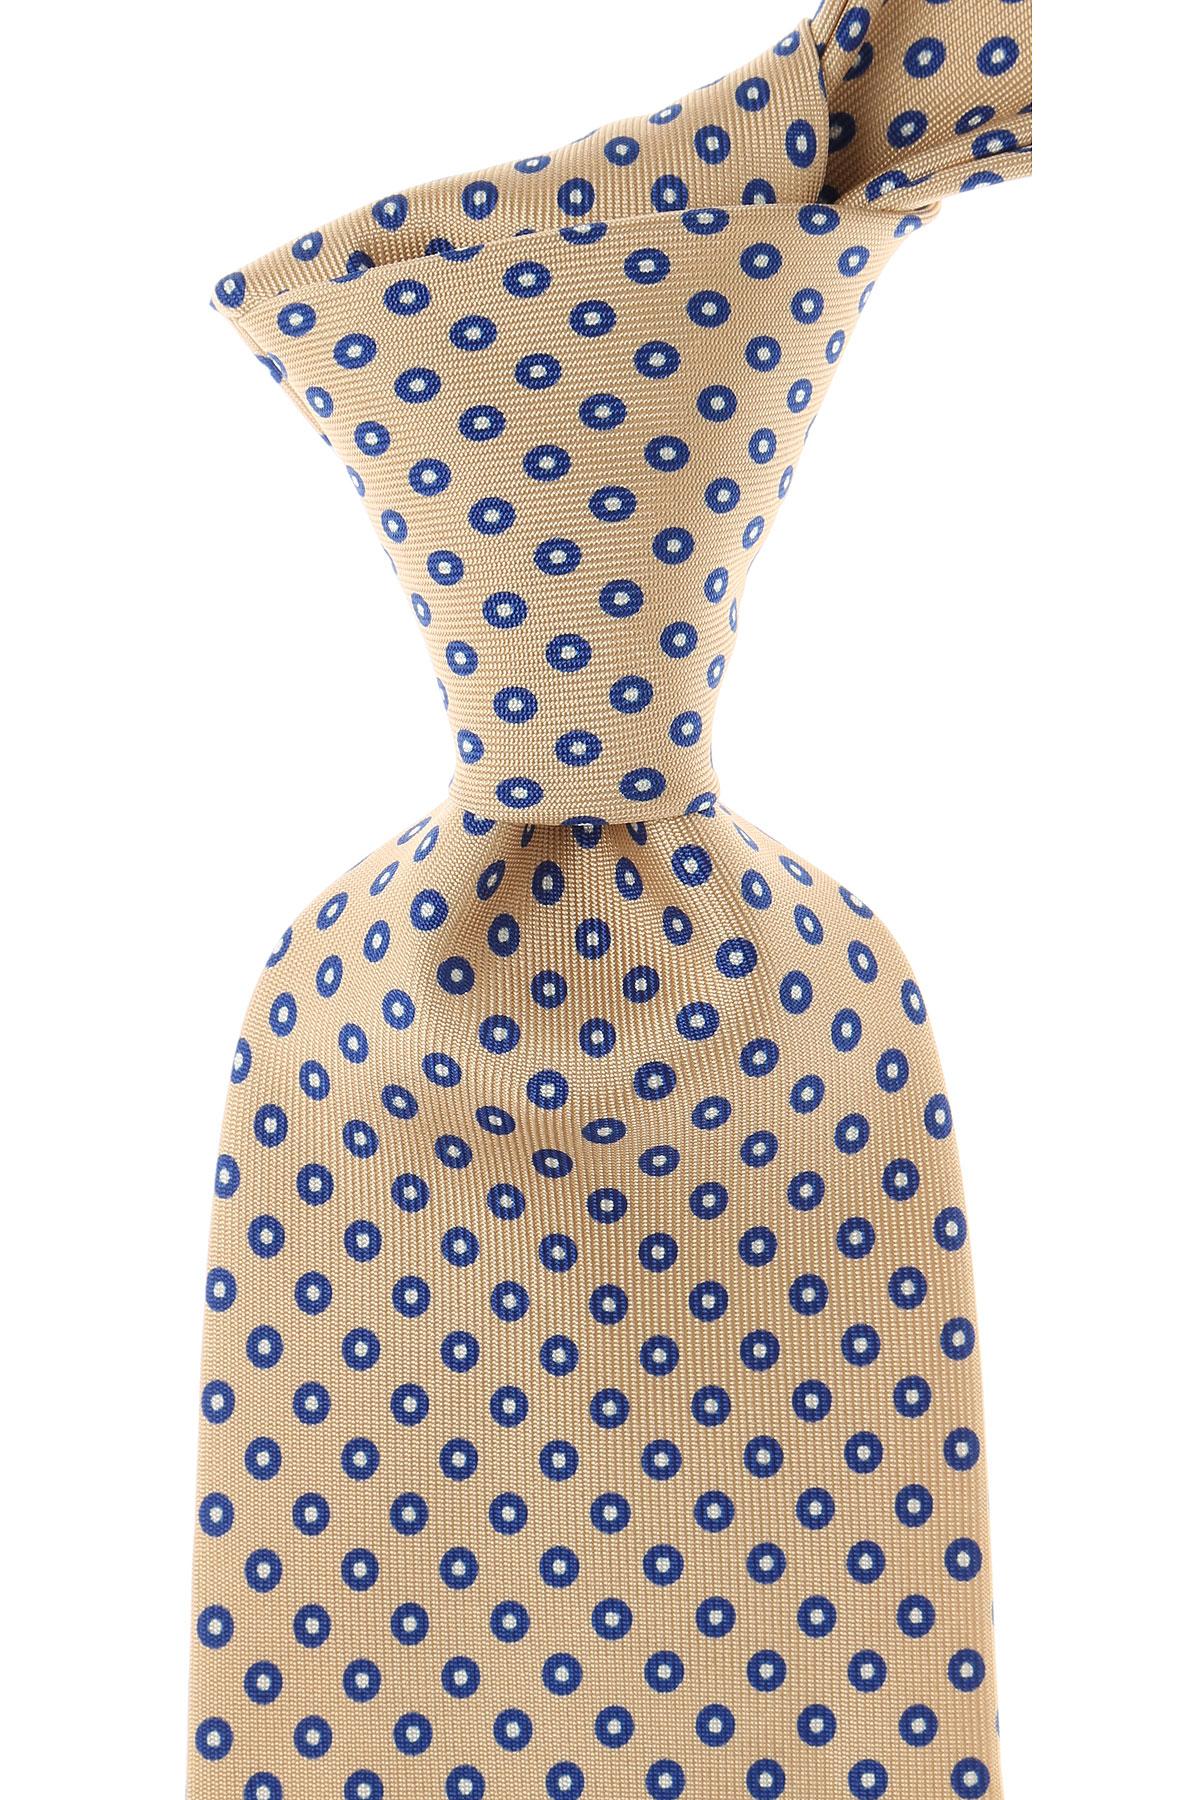 Marinella Cravates Pas cher en Soldes, Beige, Soie, 2019